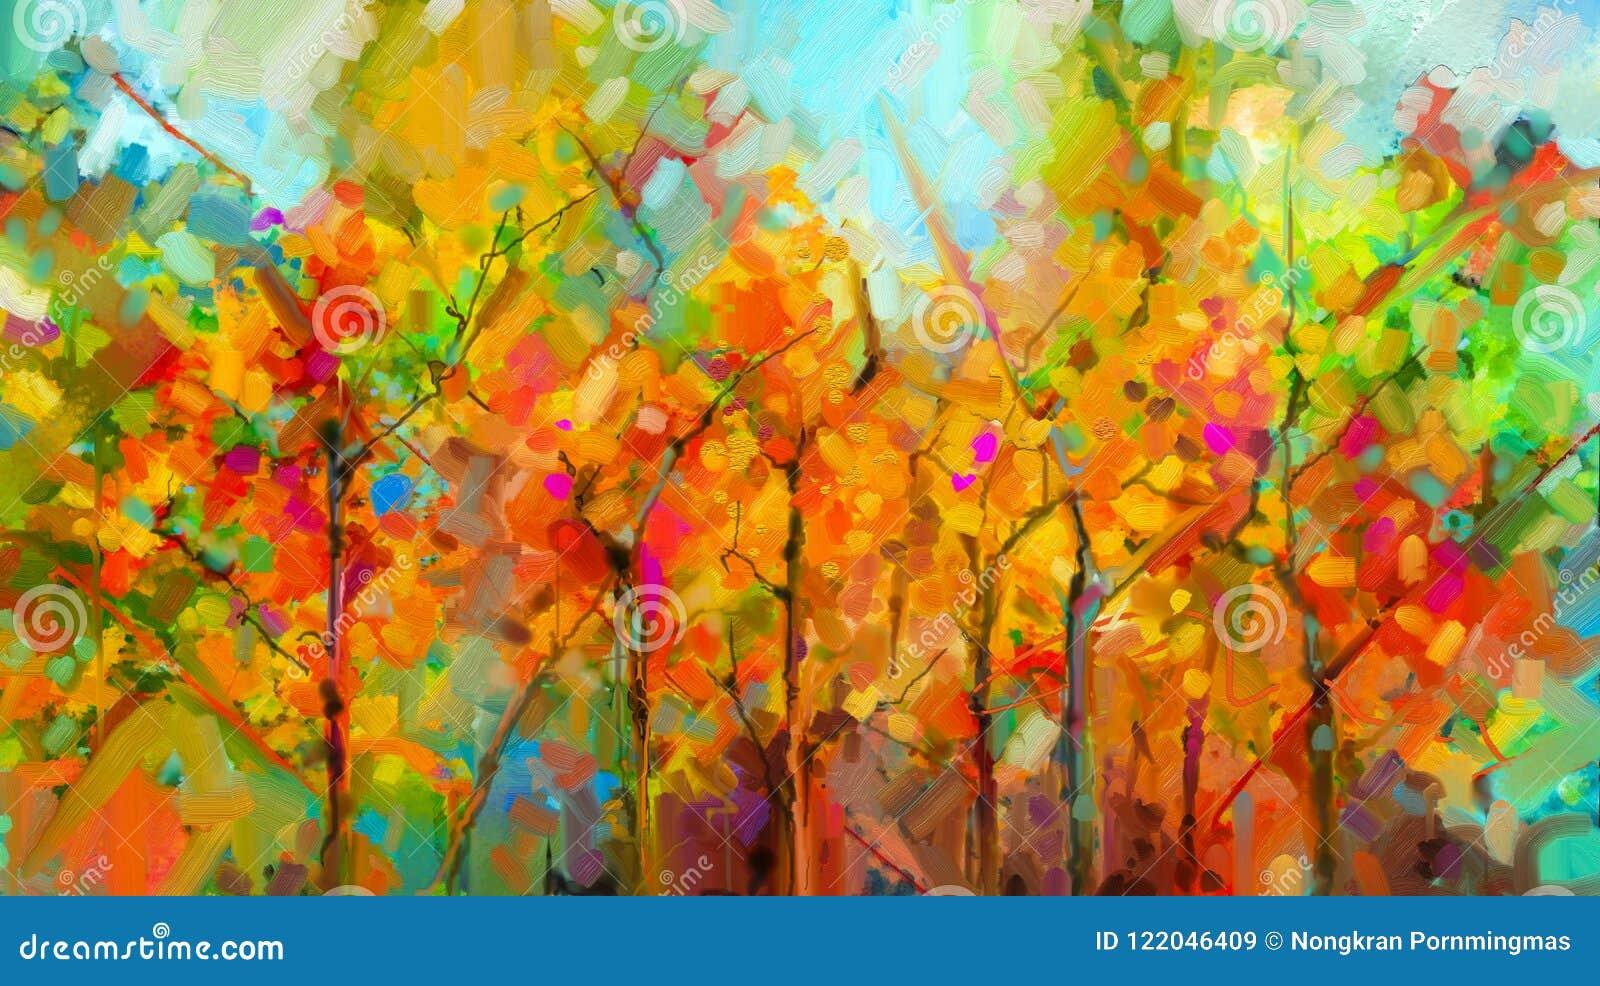 Paisaje colorido abstracto de la pintura al óleo en lona Primavera, fondo de la naturaleza de la estación de verano